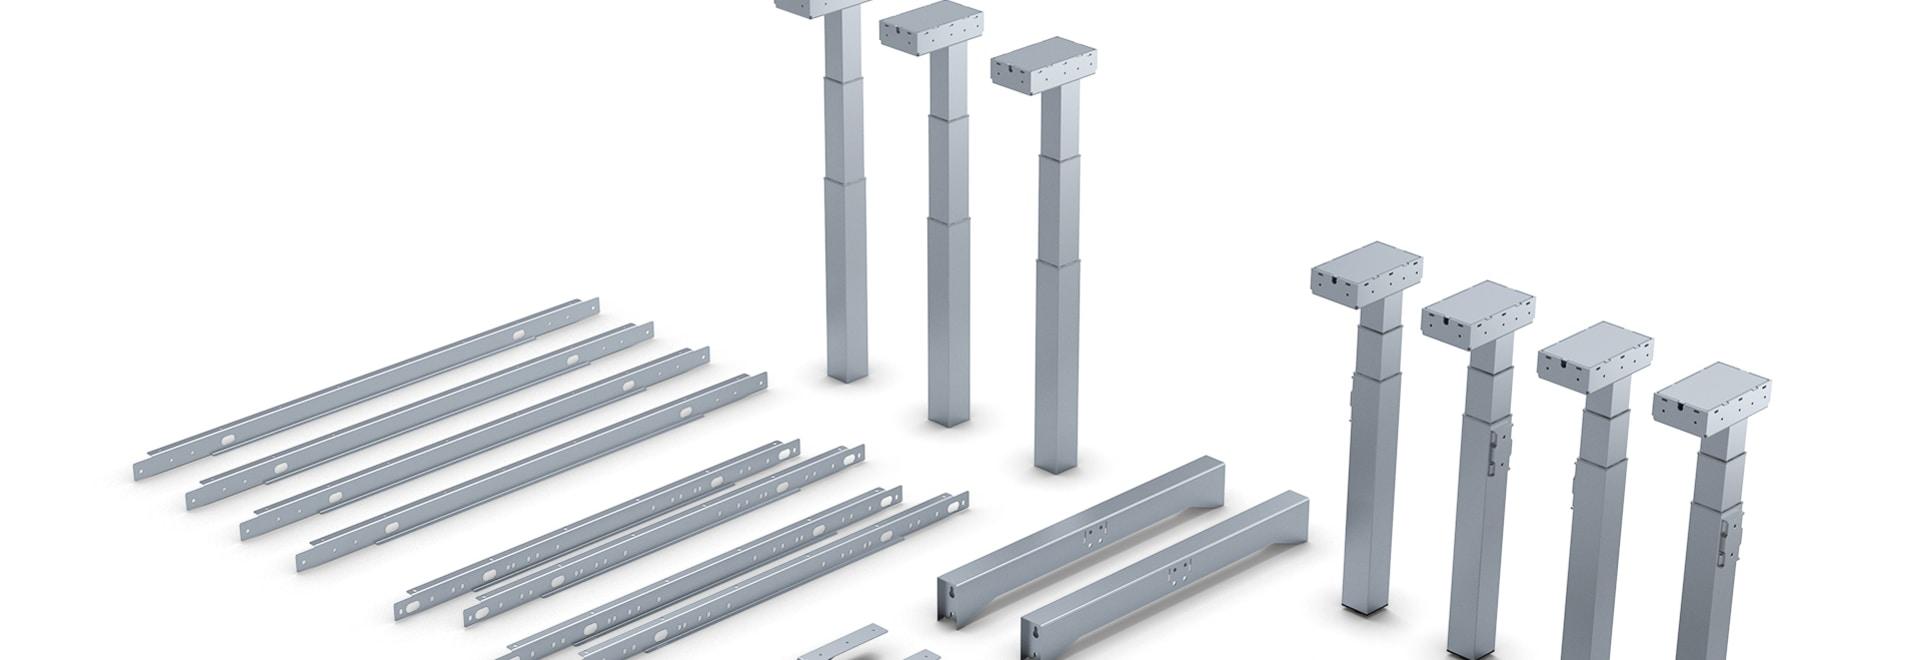 Système modulaire pour différents sous-châssis de table